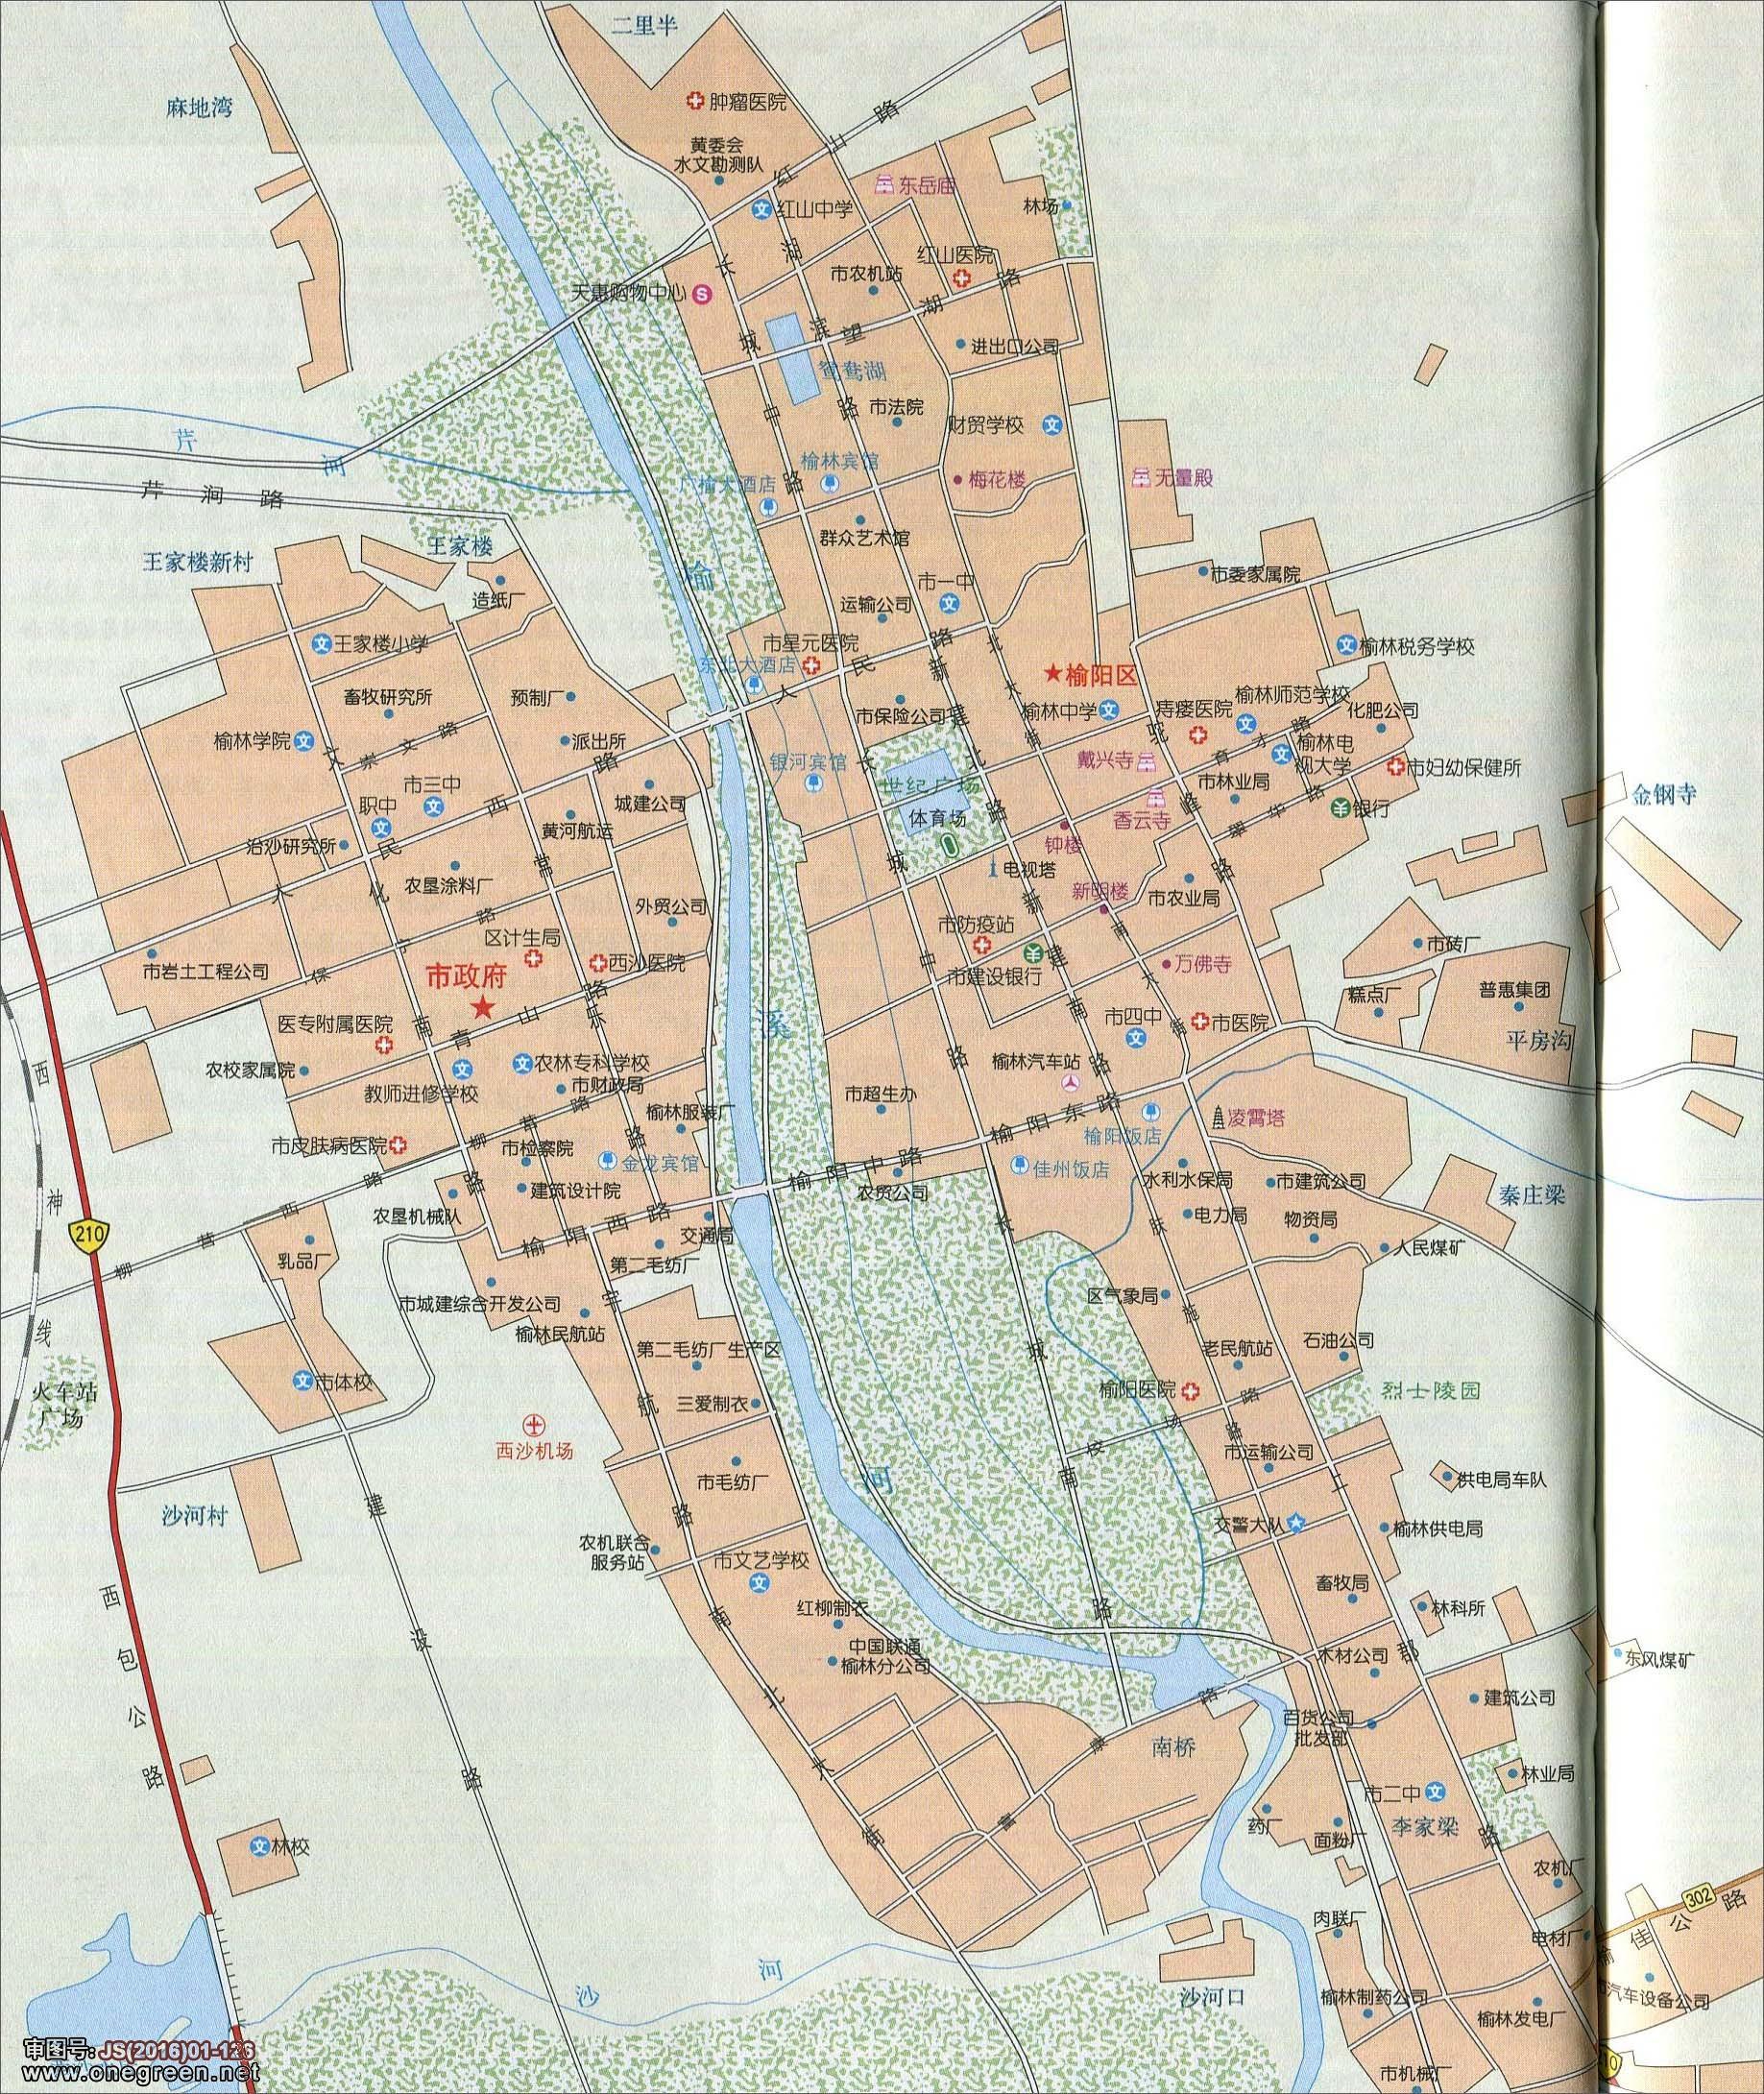 榆林城区地图图片